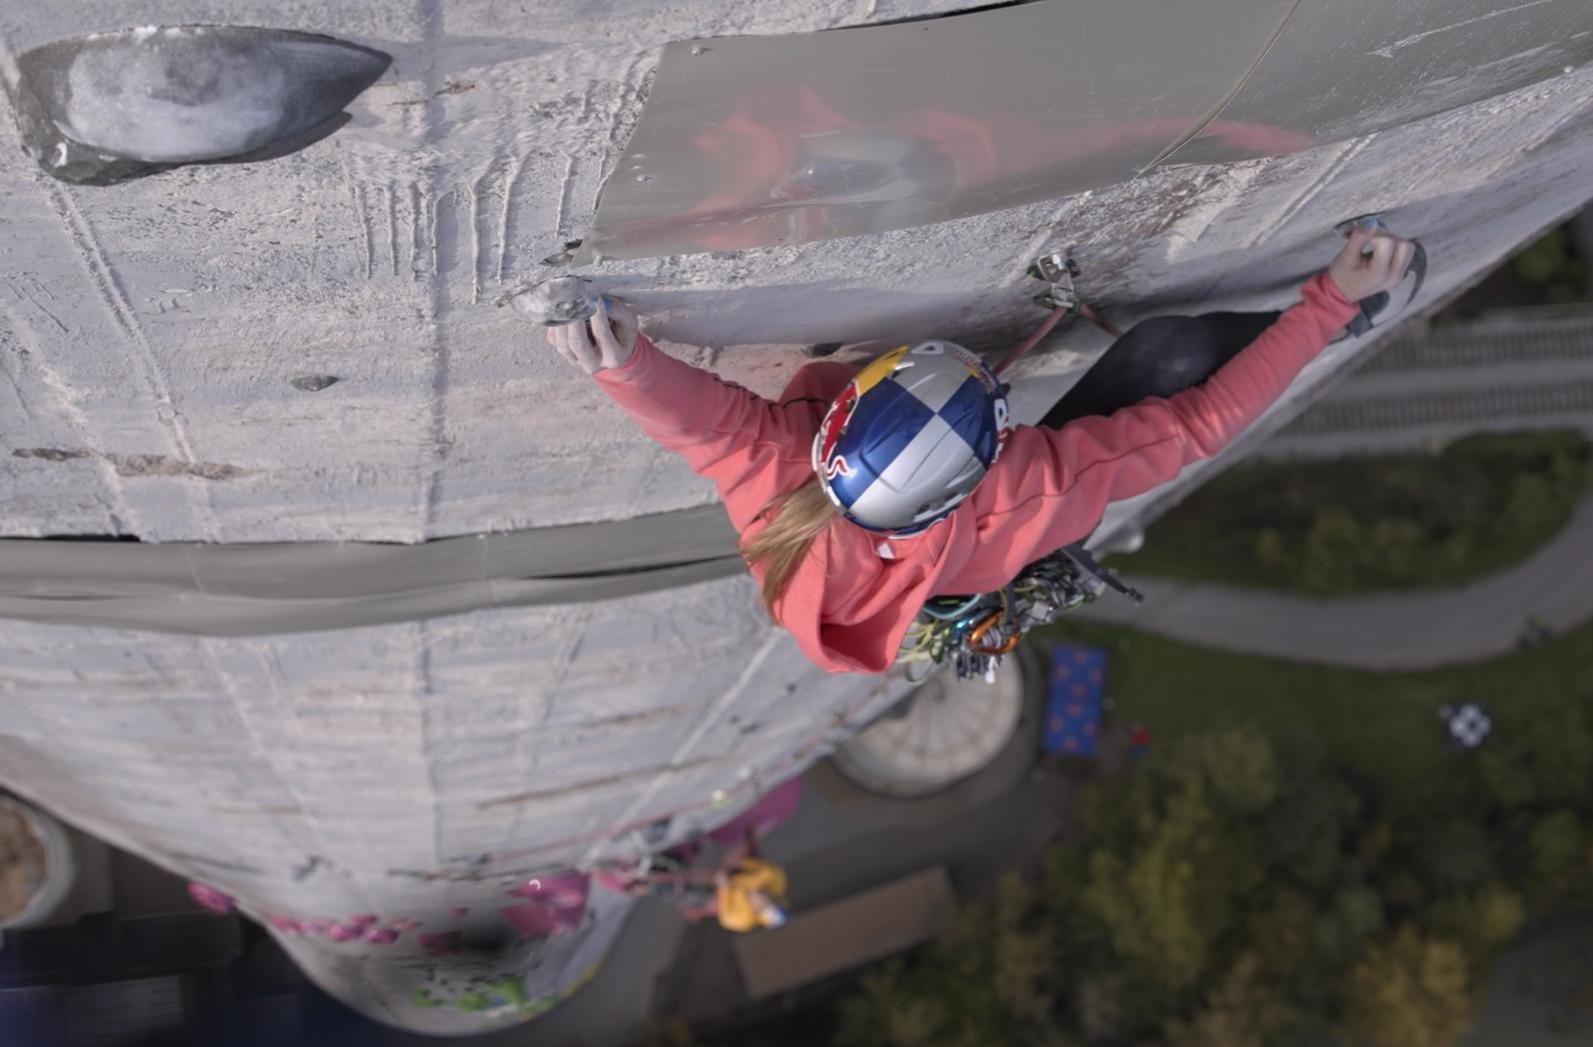 360 Ascent, le film d'escalade qui retrace l'ascension de la plus haute cheminée d'Europe, avec les grimpeurs slovènes Janja Garnbret et Domen Škofic